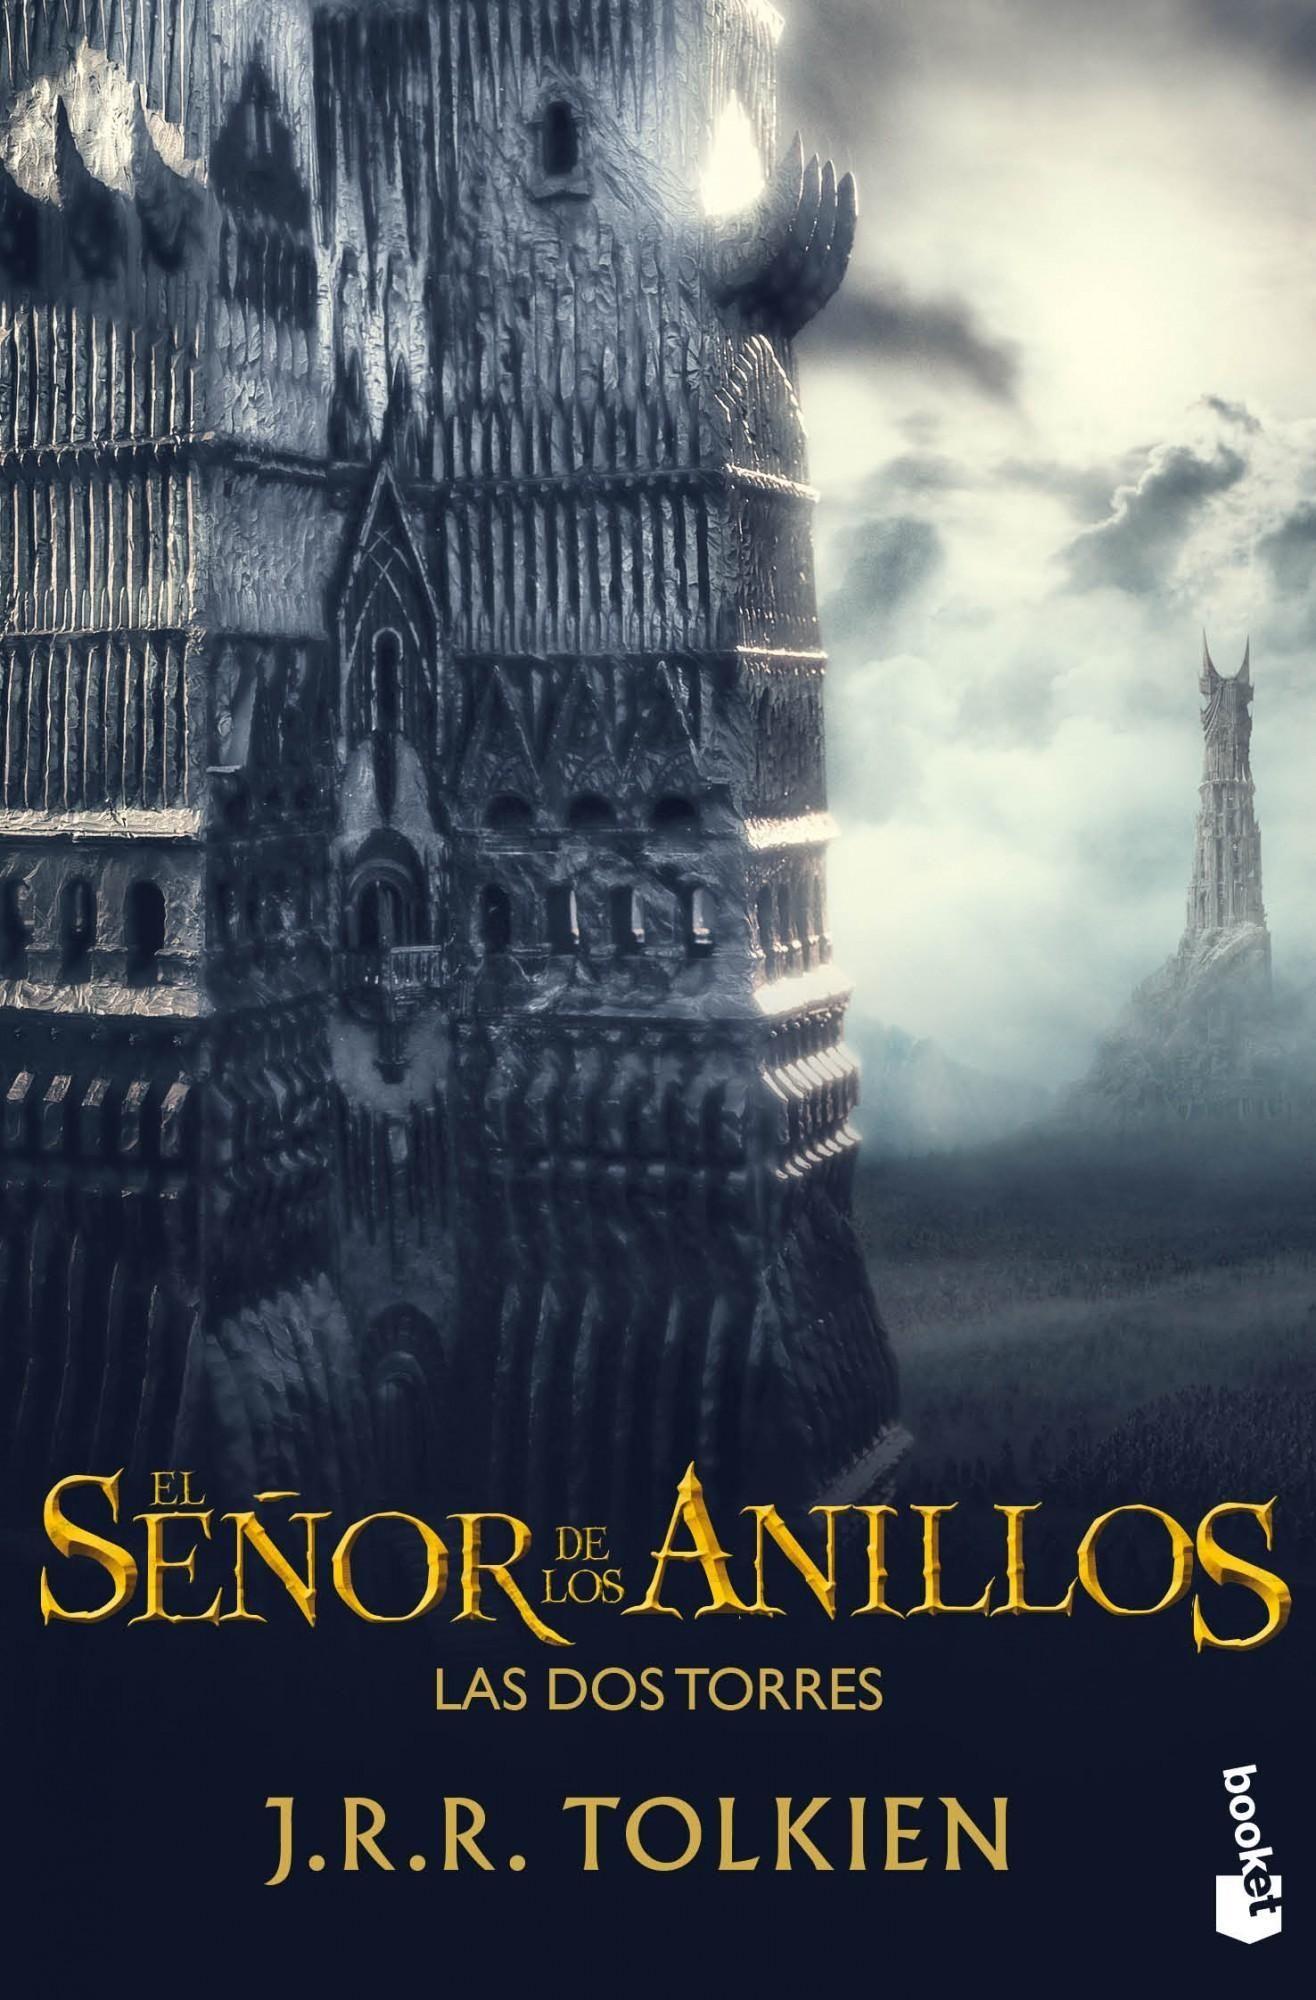 Veroworld El Senor De Los Anillos Las Dos Torres El Retorn El Senor De Los Anillos Las Dos Torres Tolkien